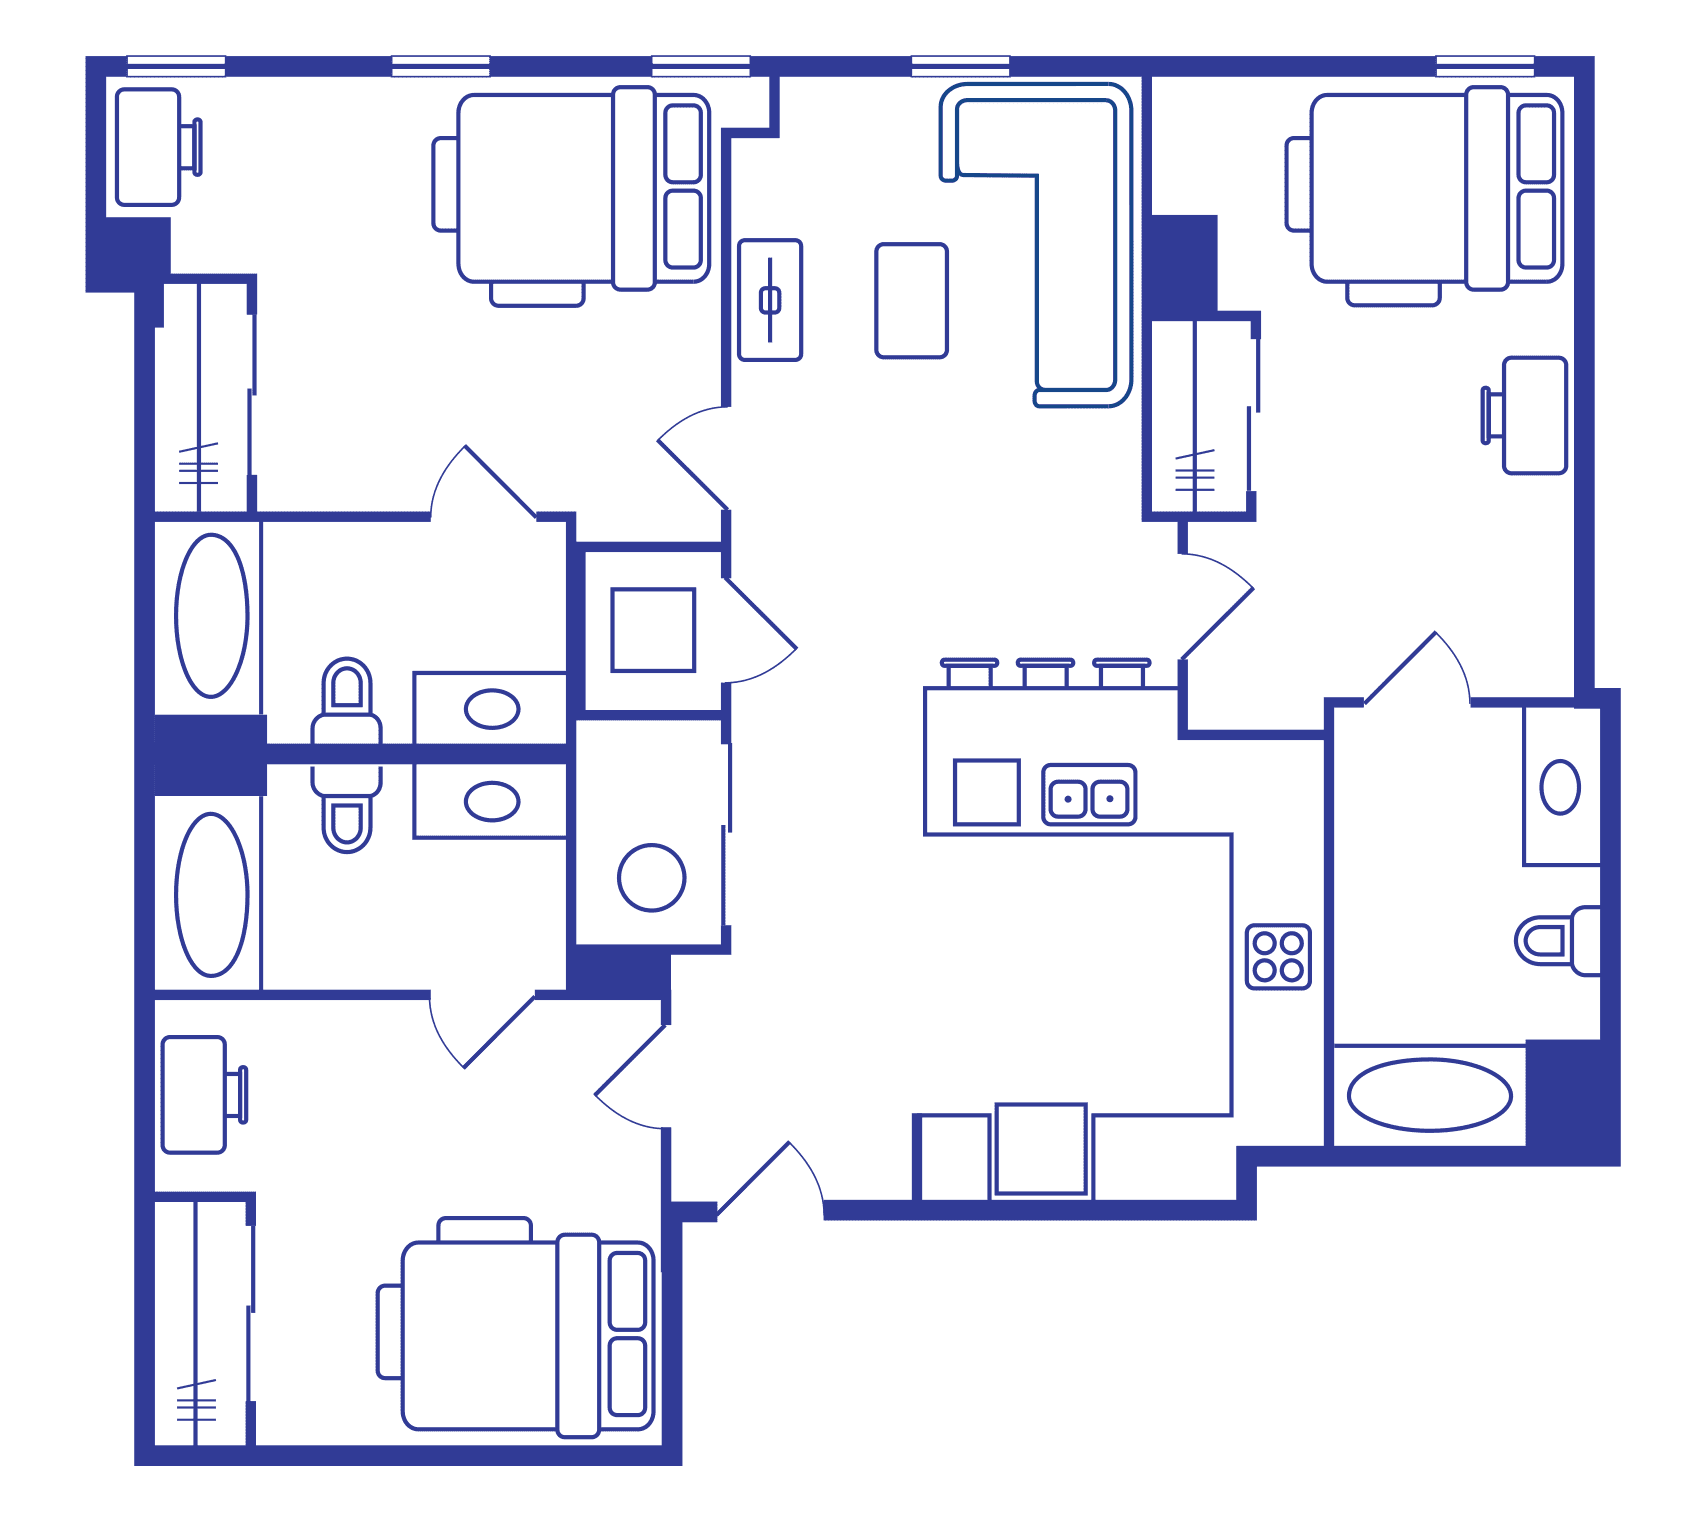 3 Bedroom Floorplan 2